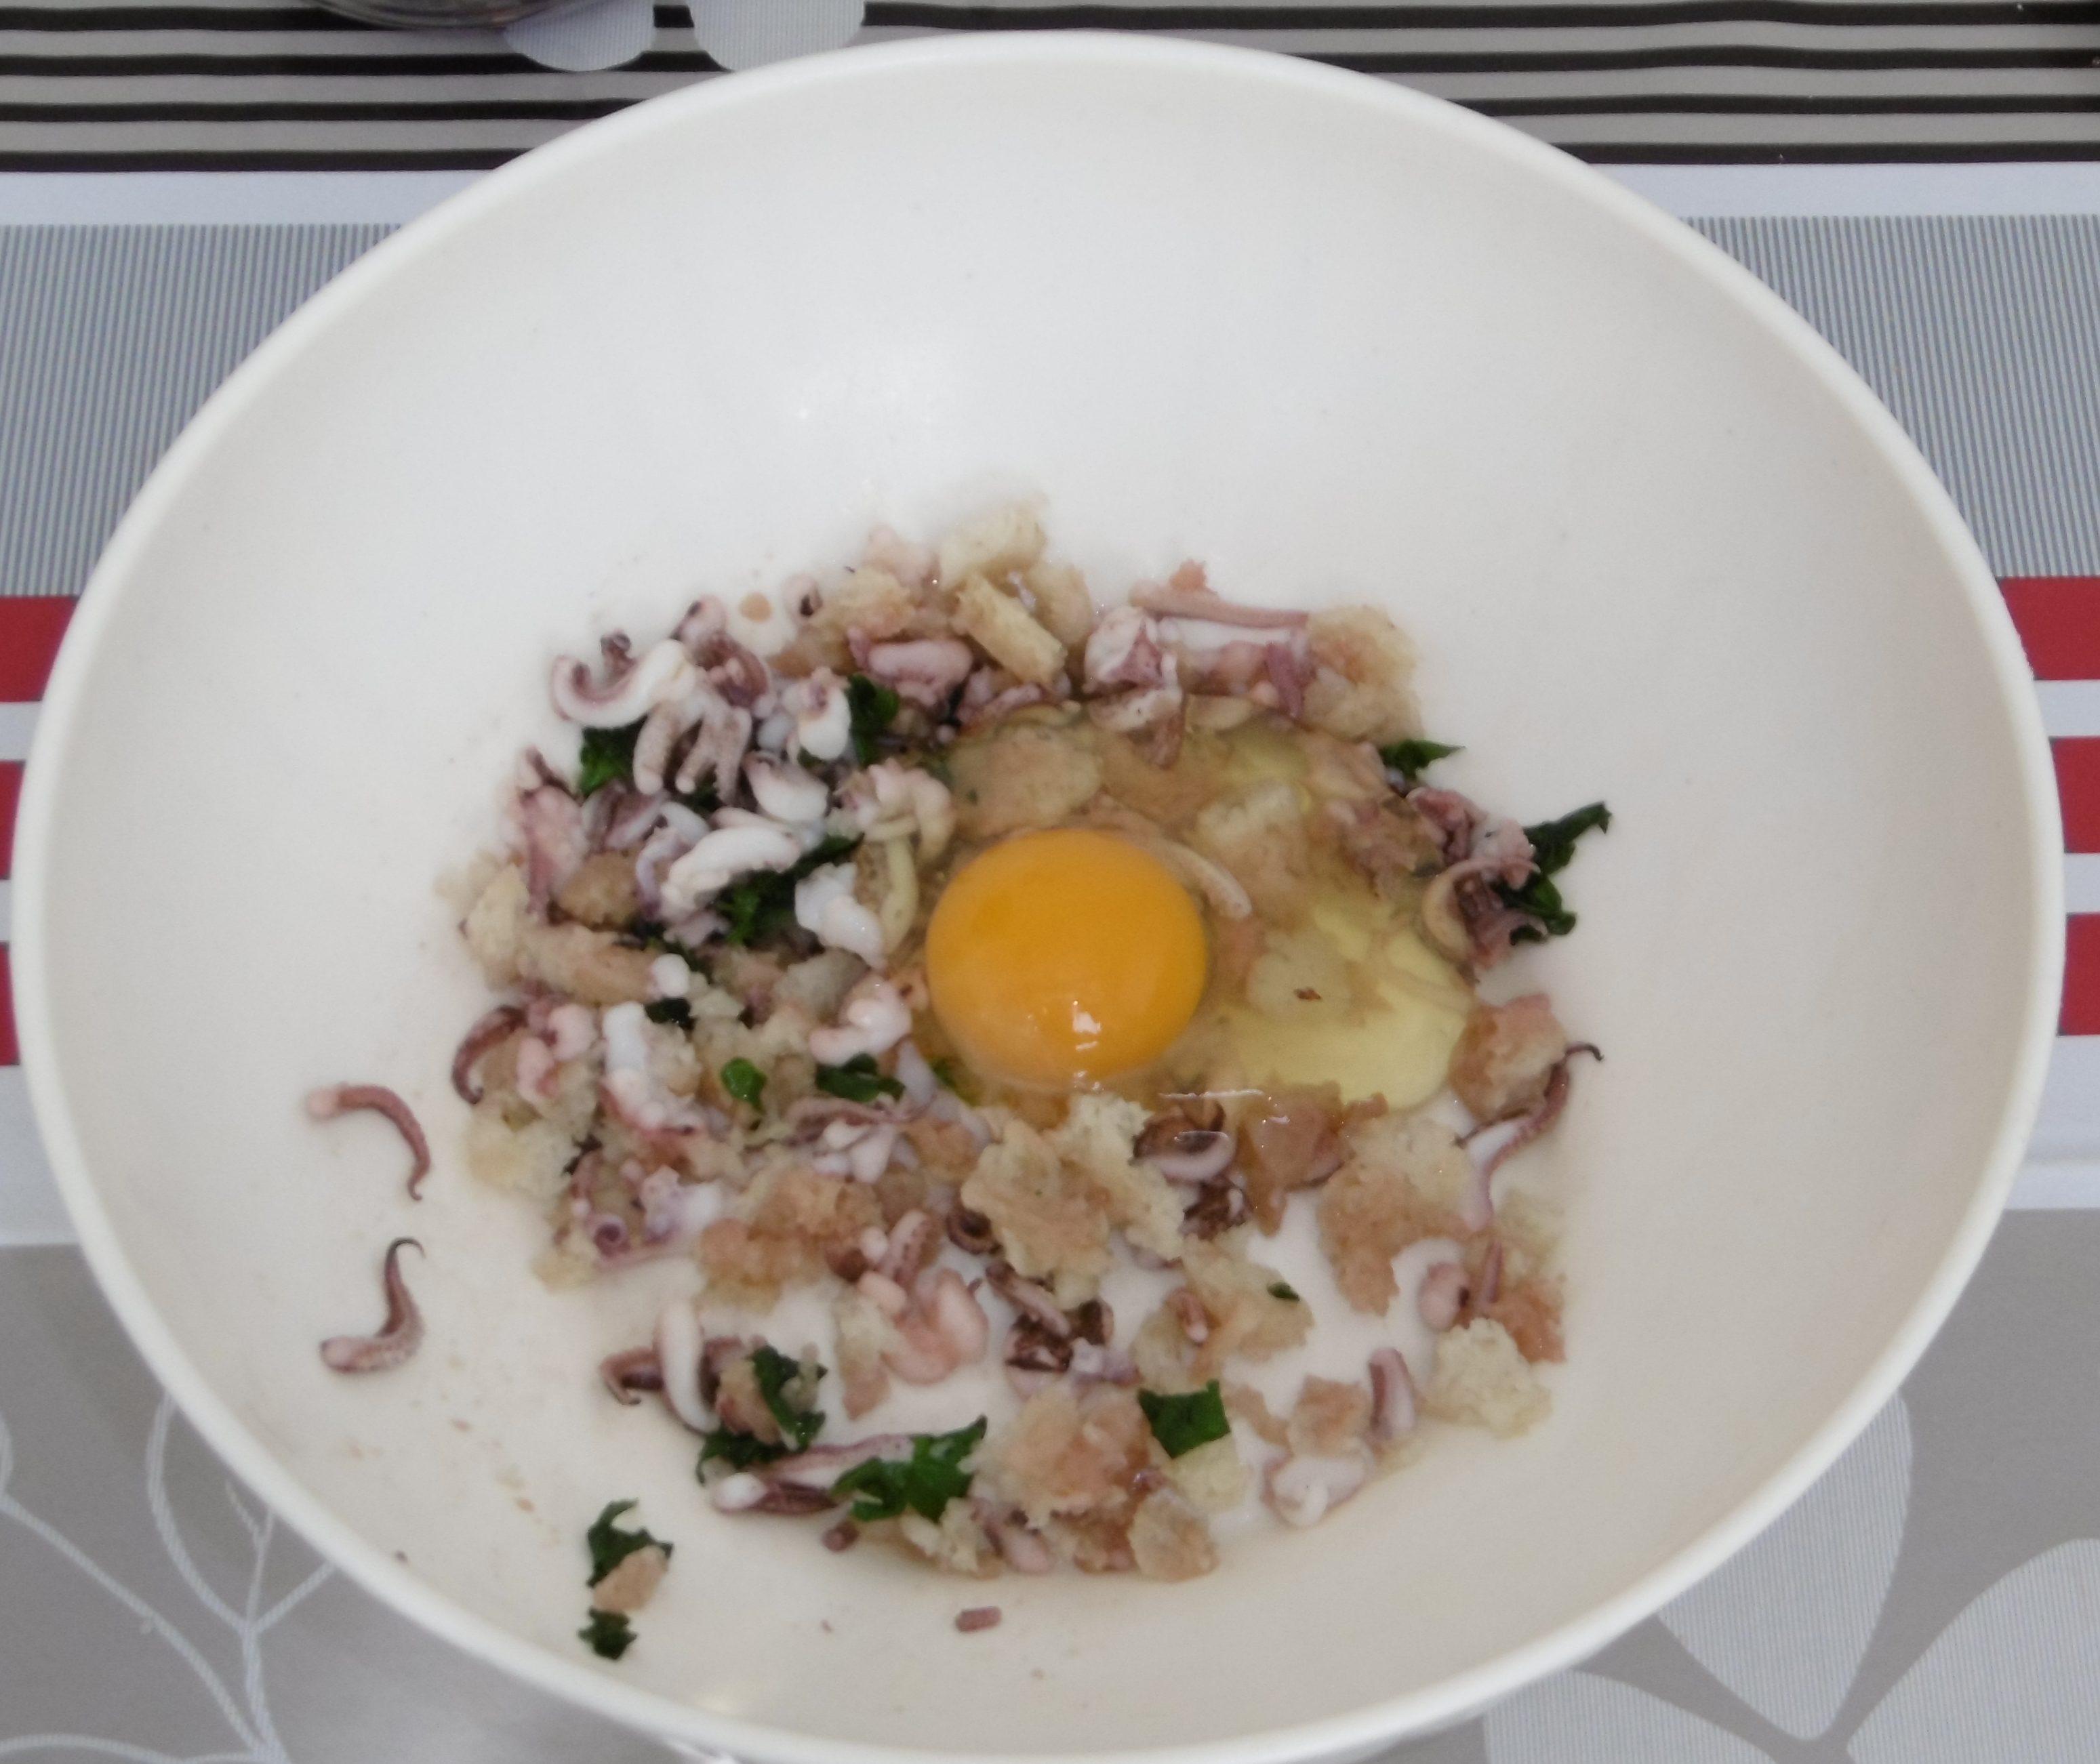 Calamari ripieni con pomodorini e olive - Aggiunta uovo e parmigiano